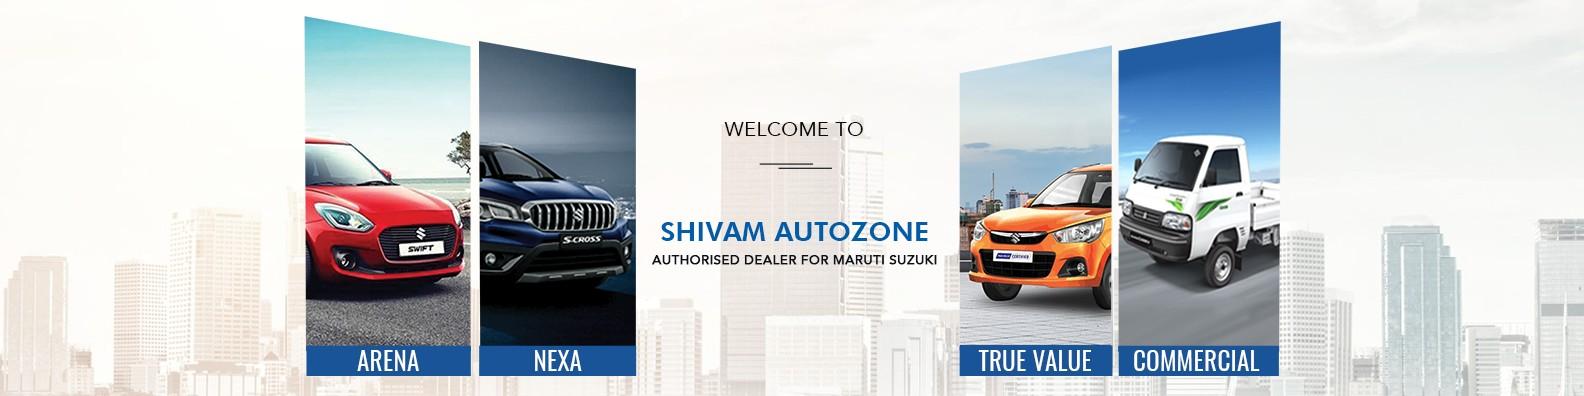 Shivam Autozone (India) Pvt  Ltd | LinkedIn